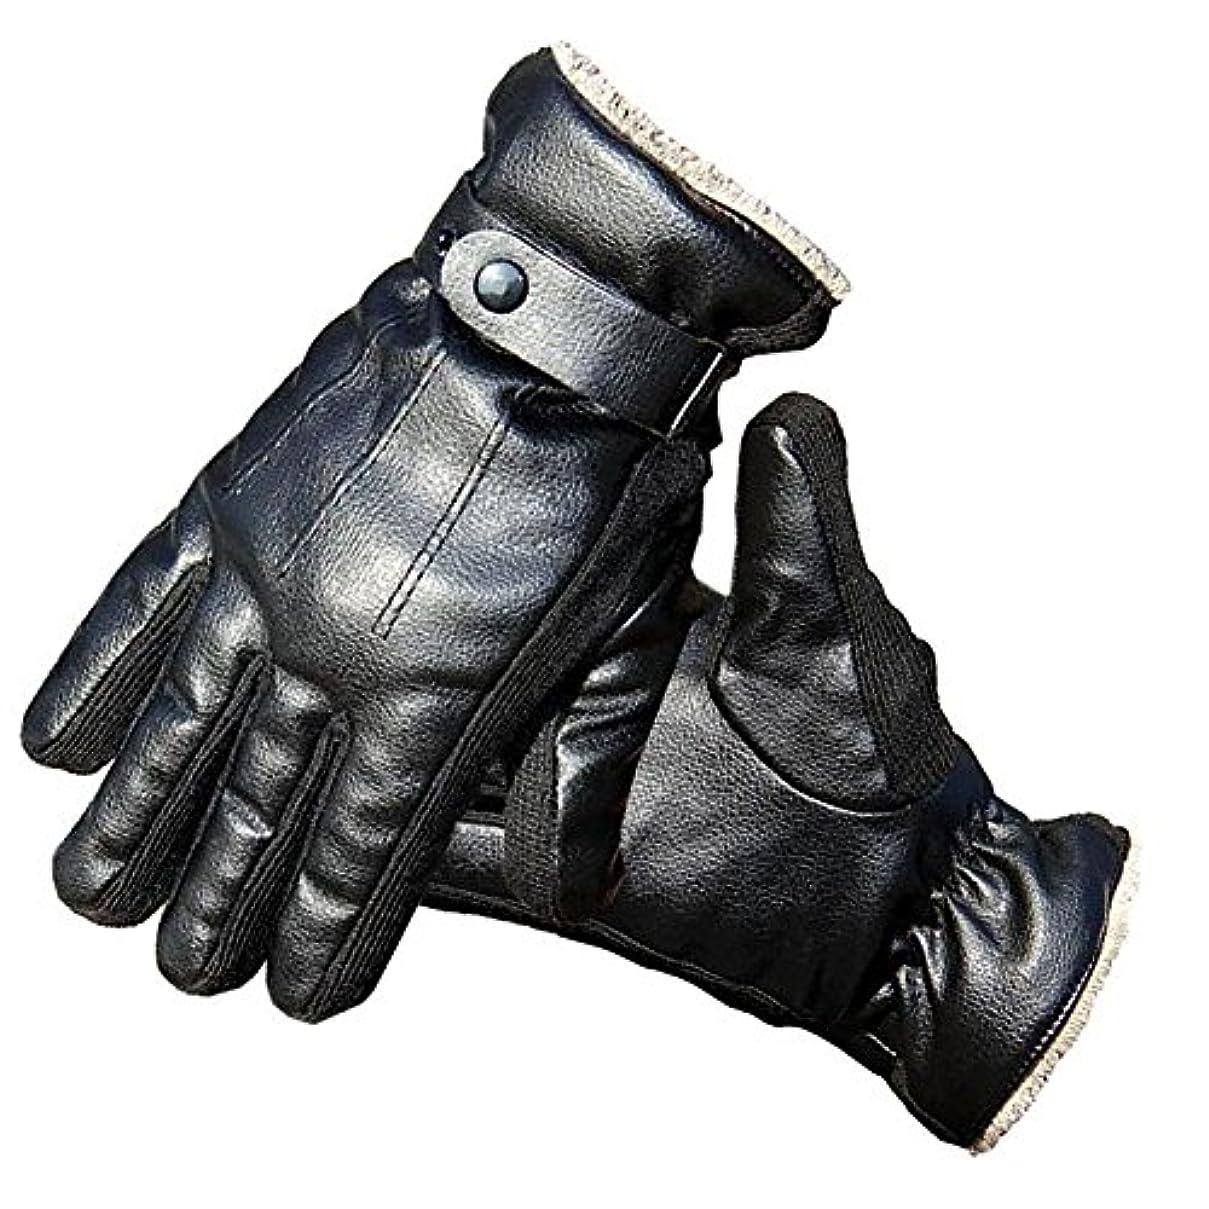 ゲージただやる魅了するRabiya グローブ 手袋 メンズ PUレザー オートバイク ドライブ 裏起毛 サイクリング アウトドア 自転車 防寒 黒